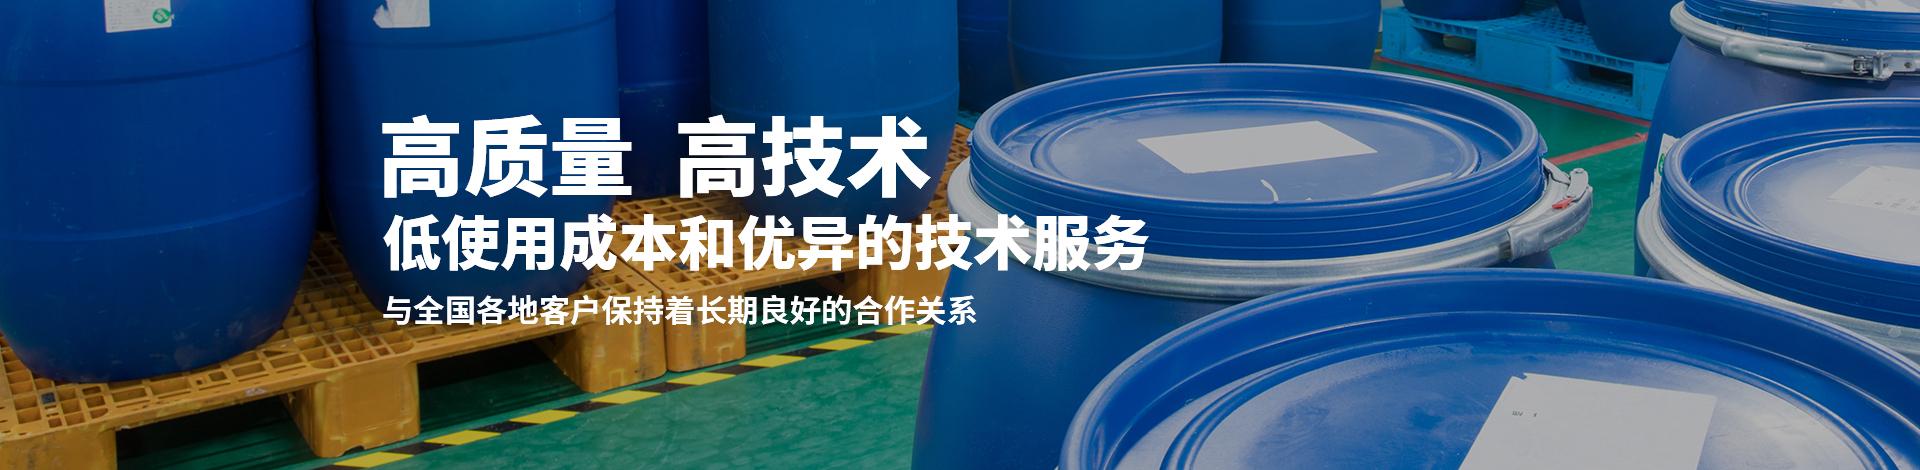 柳州市登榜贸易有限公司